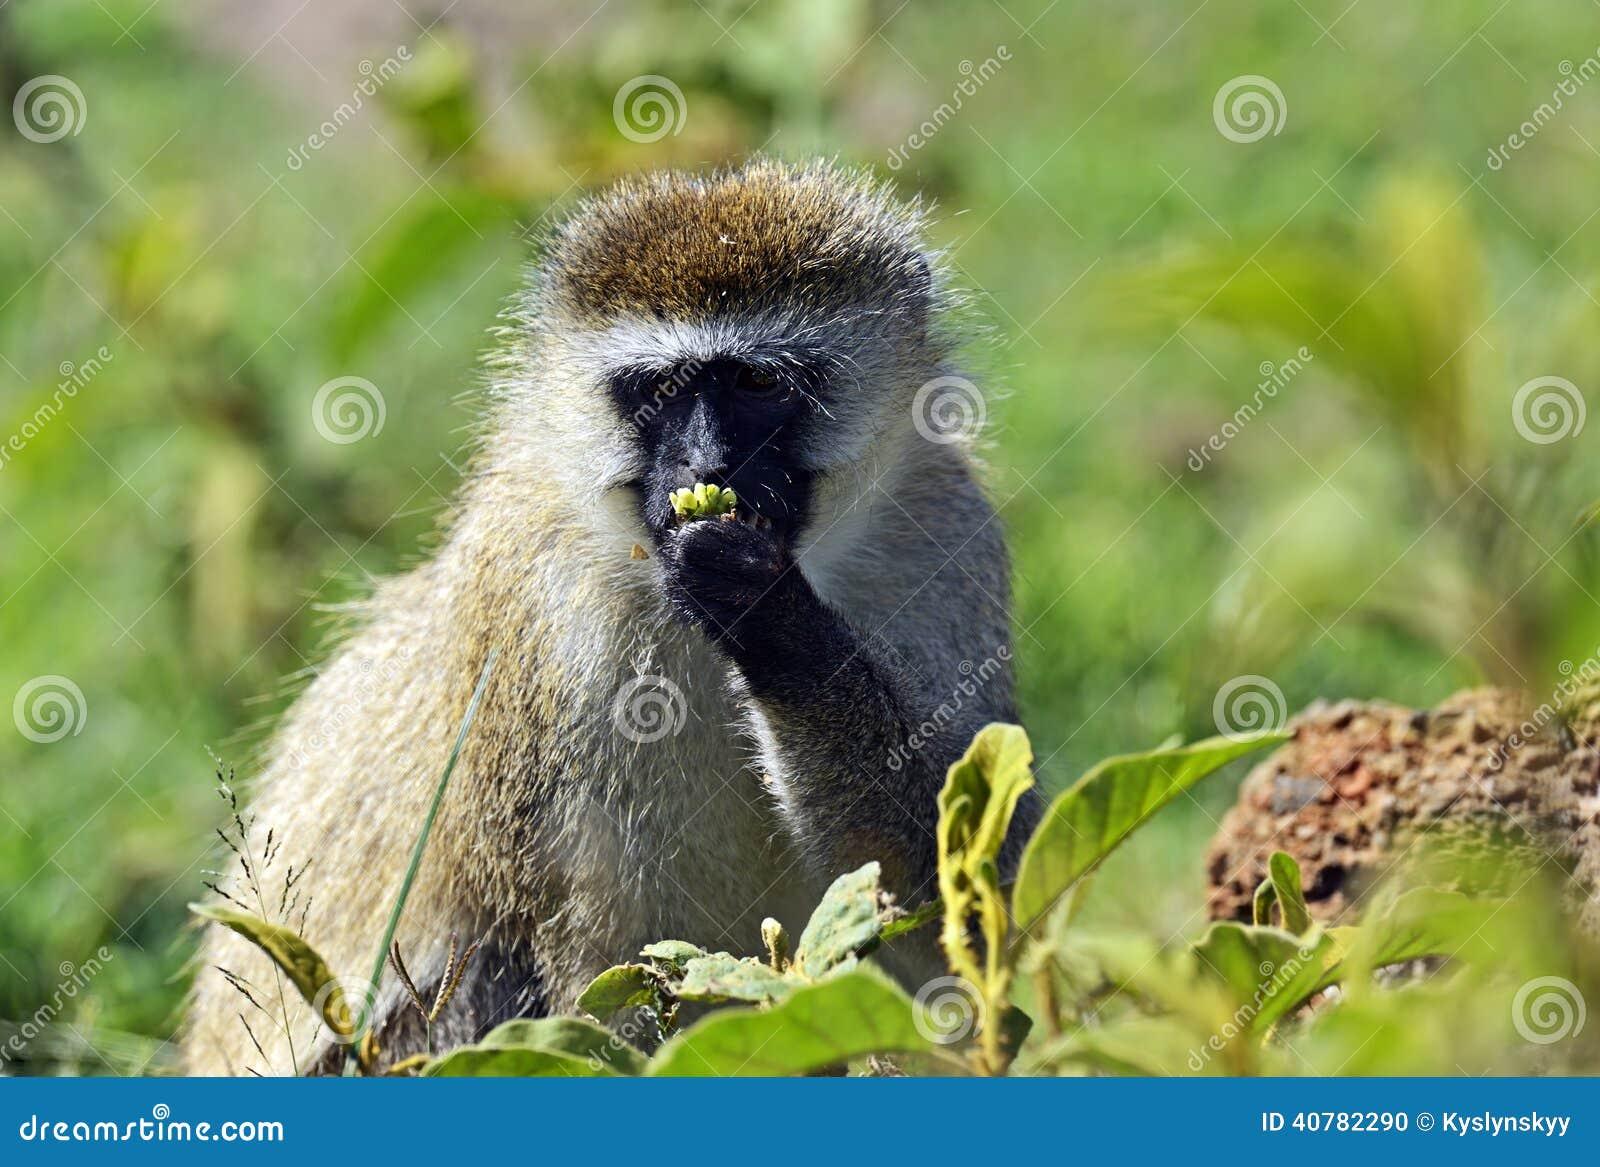 Vervet monkey - Wikipedia